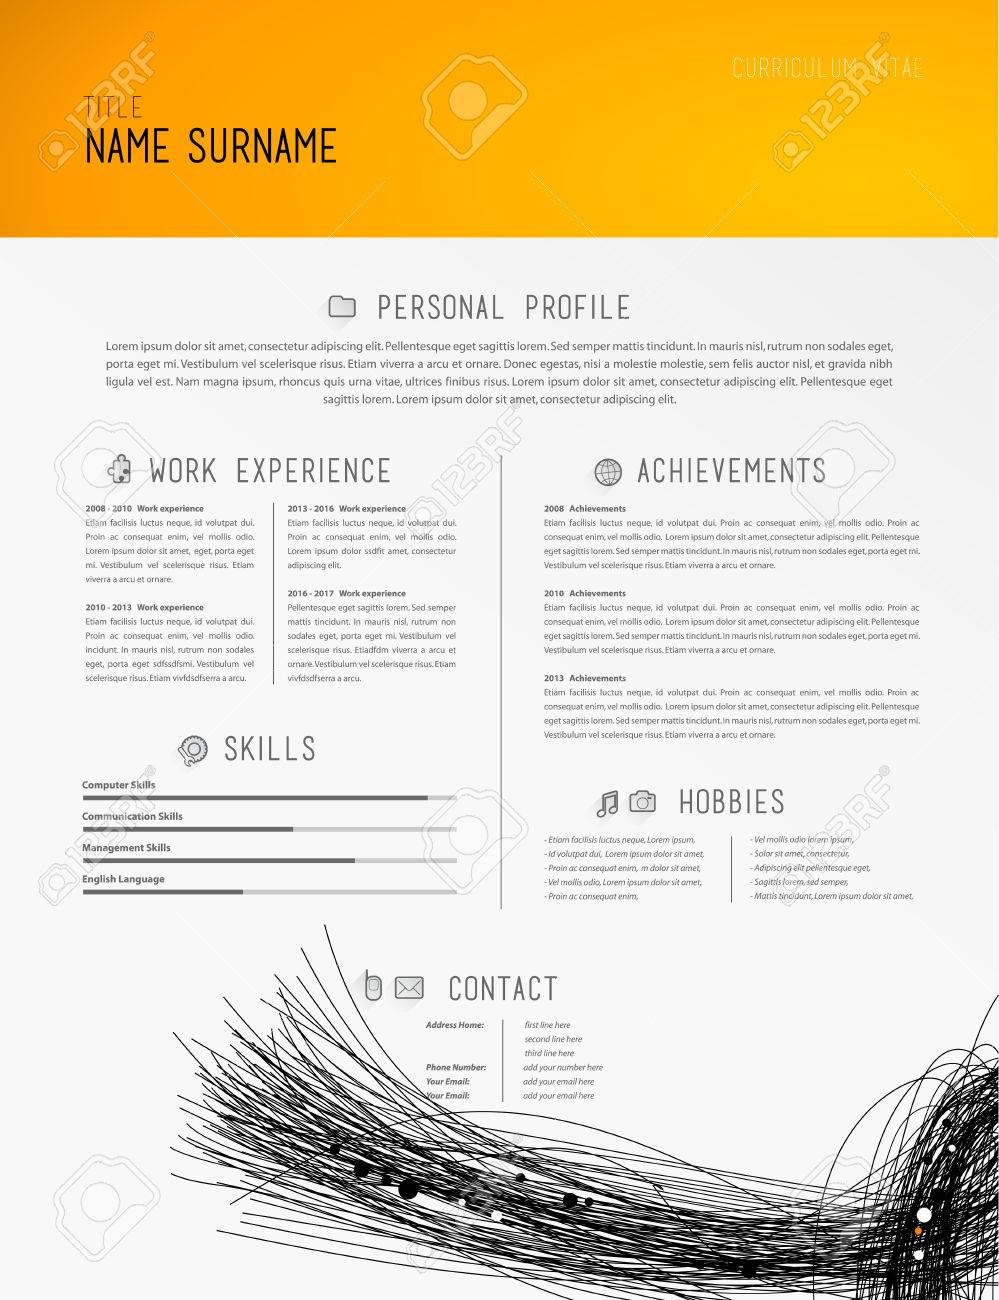 Kreative Einfachen Cv Vorlage Mit Schwarzen Linien In Der Fußzeile